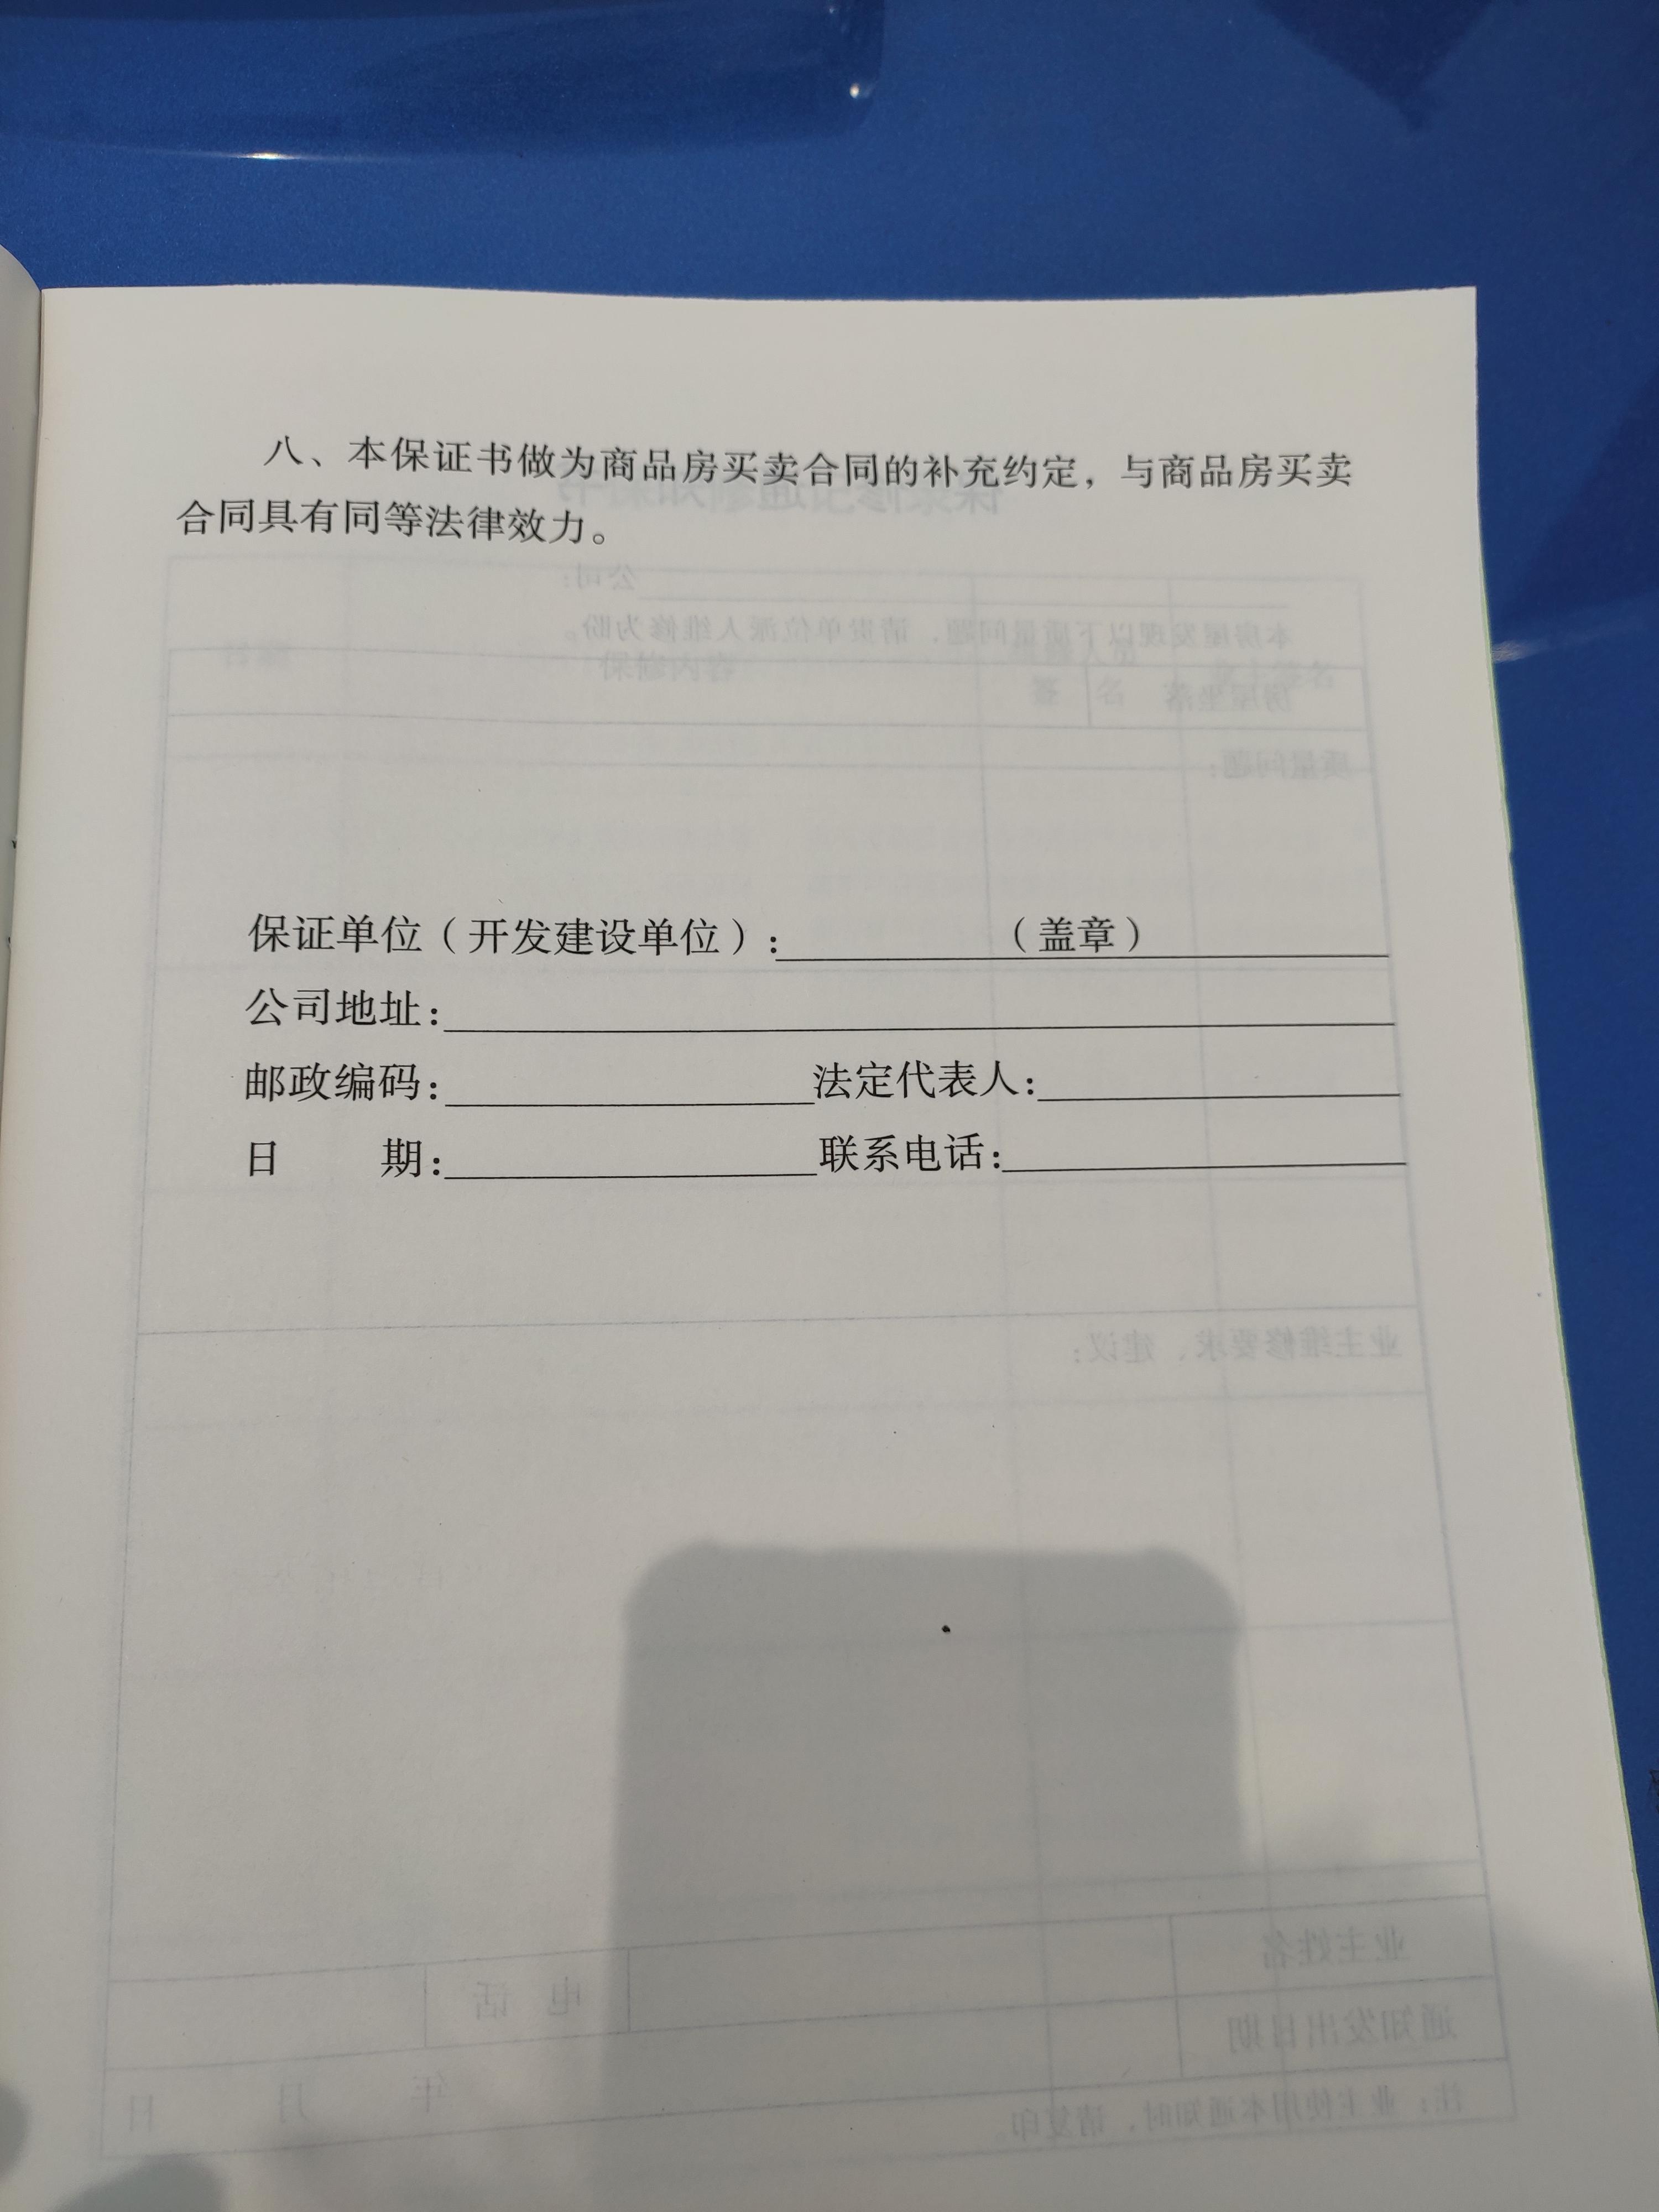 张浩出示的《合肥市住宅质量保证书》.jpg